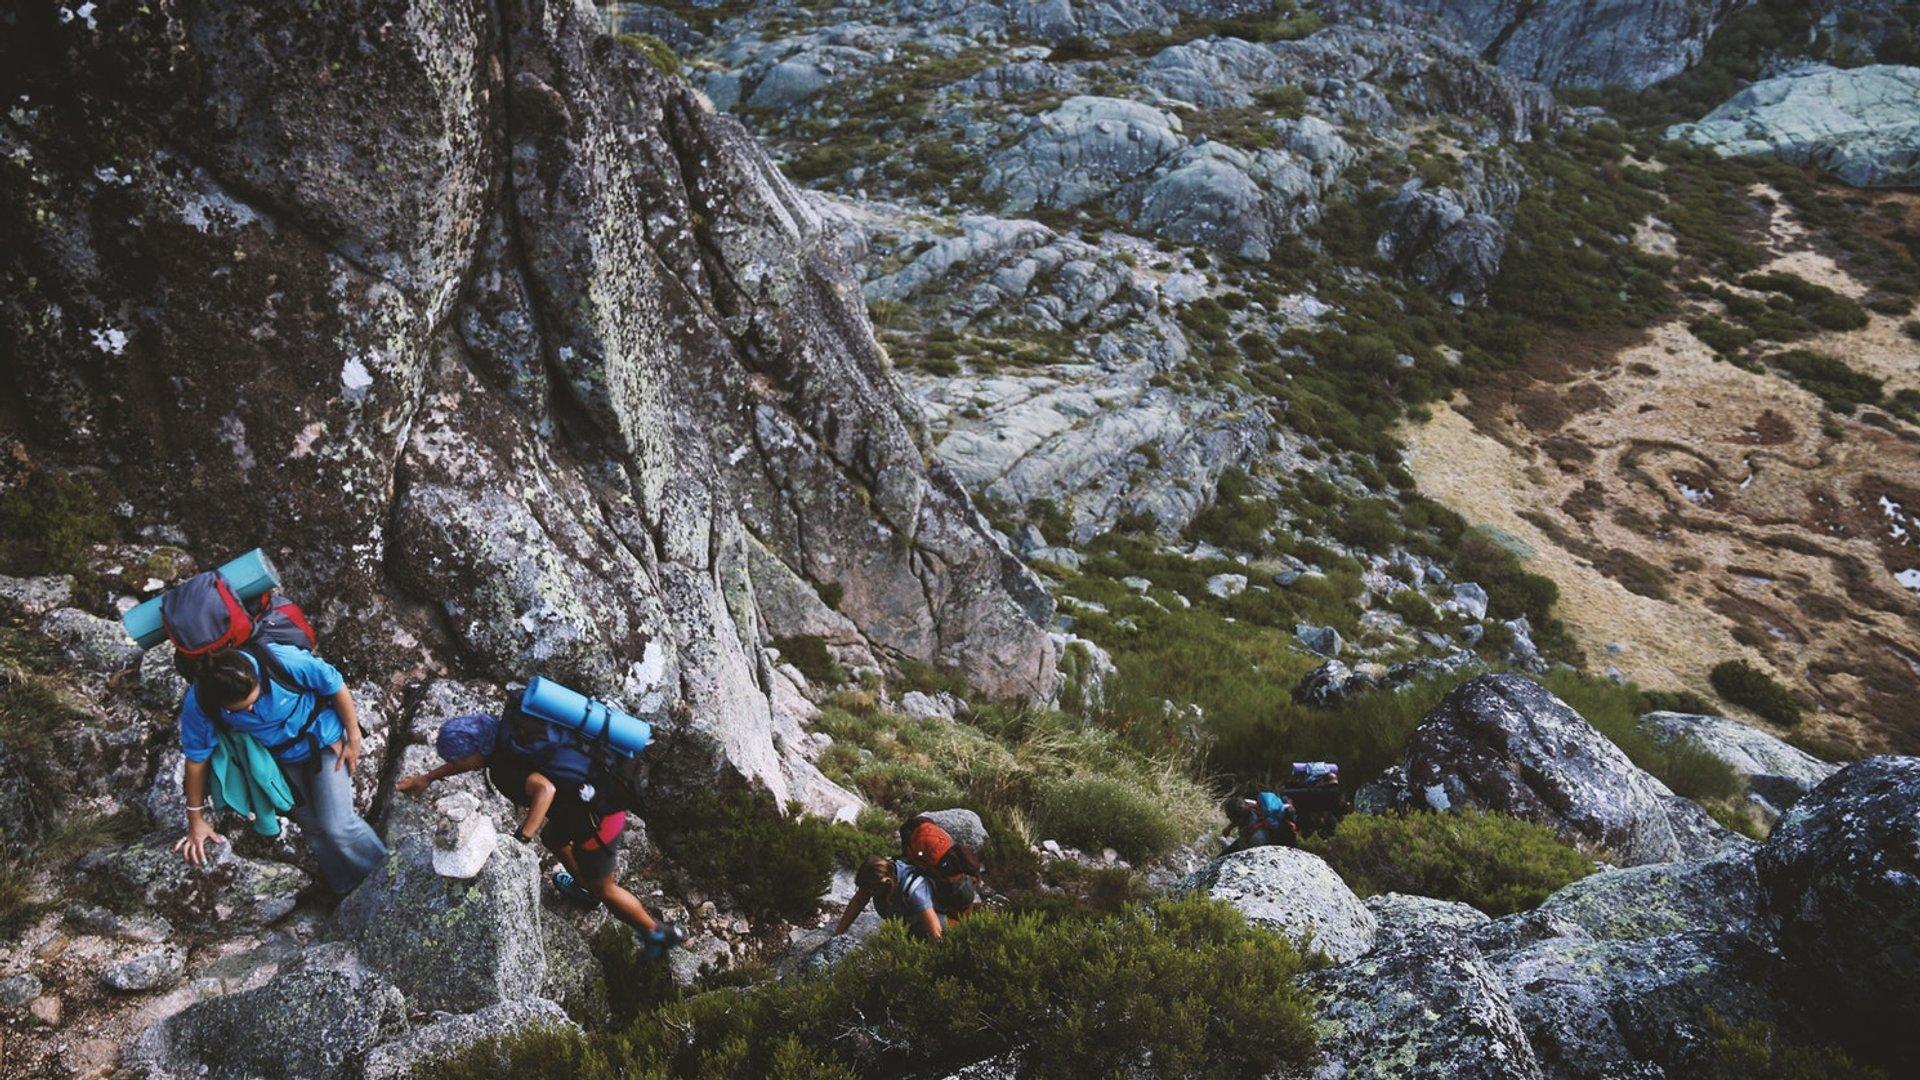 Hiking in Parque Natural da Serra da Estrela in Portugal 2020 - Best Time